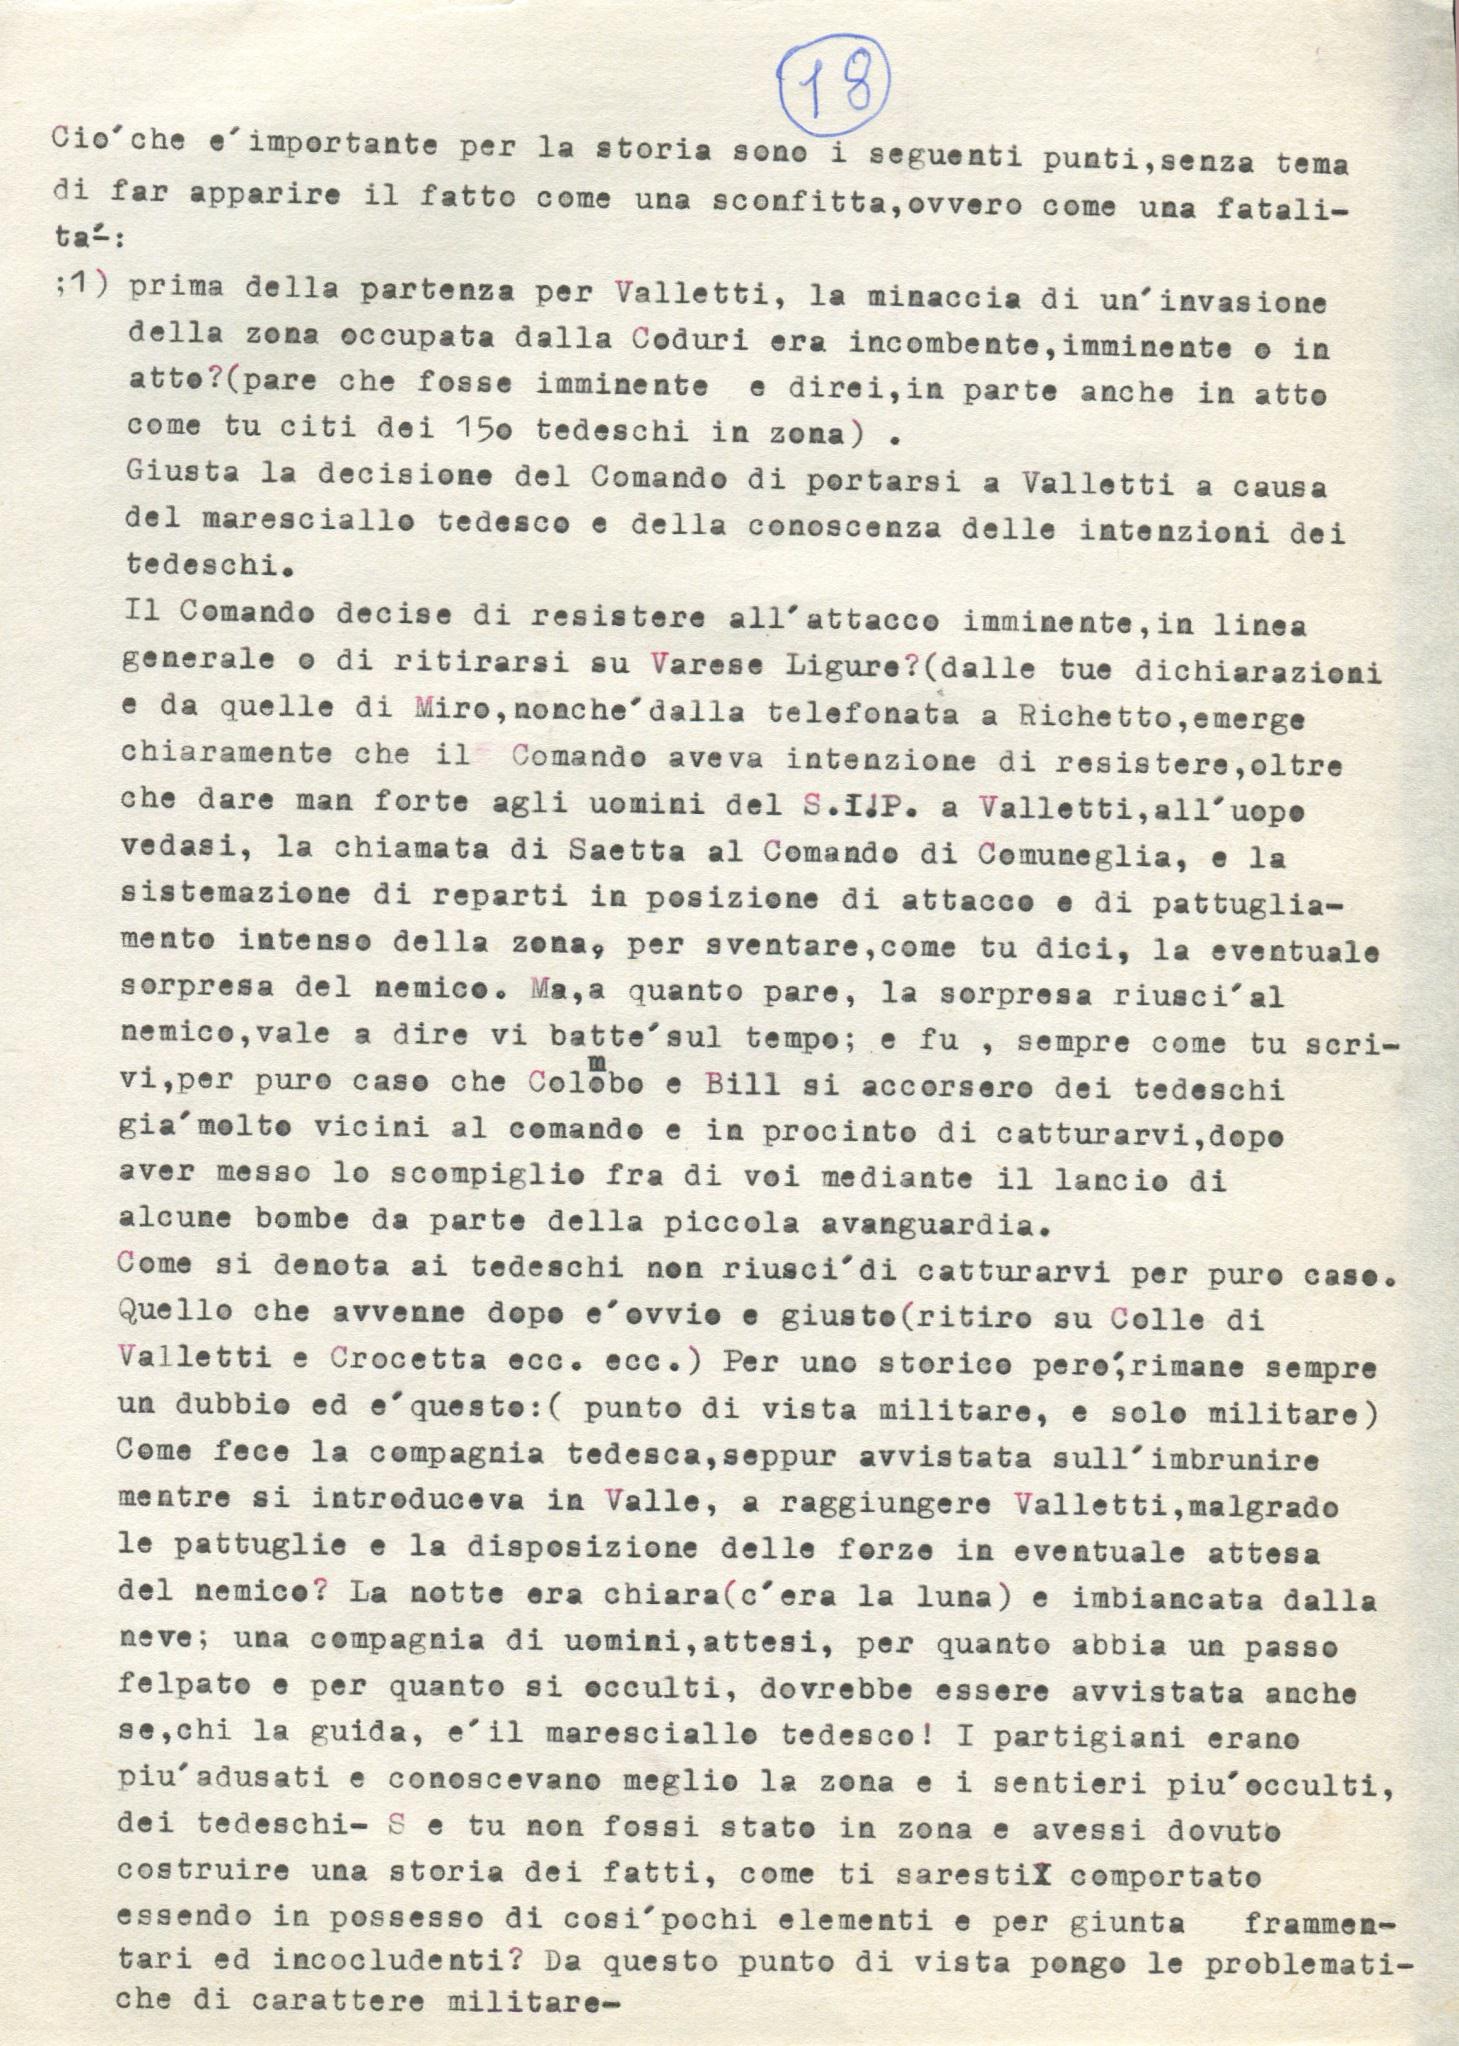 Lettera di Amato Berti a Bruno Monti Leone pag, 18